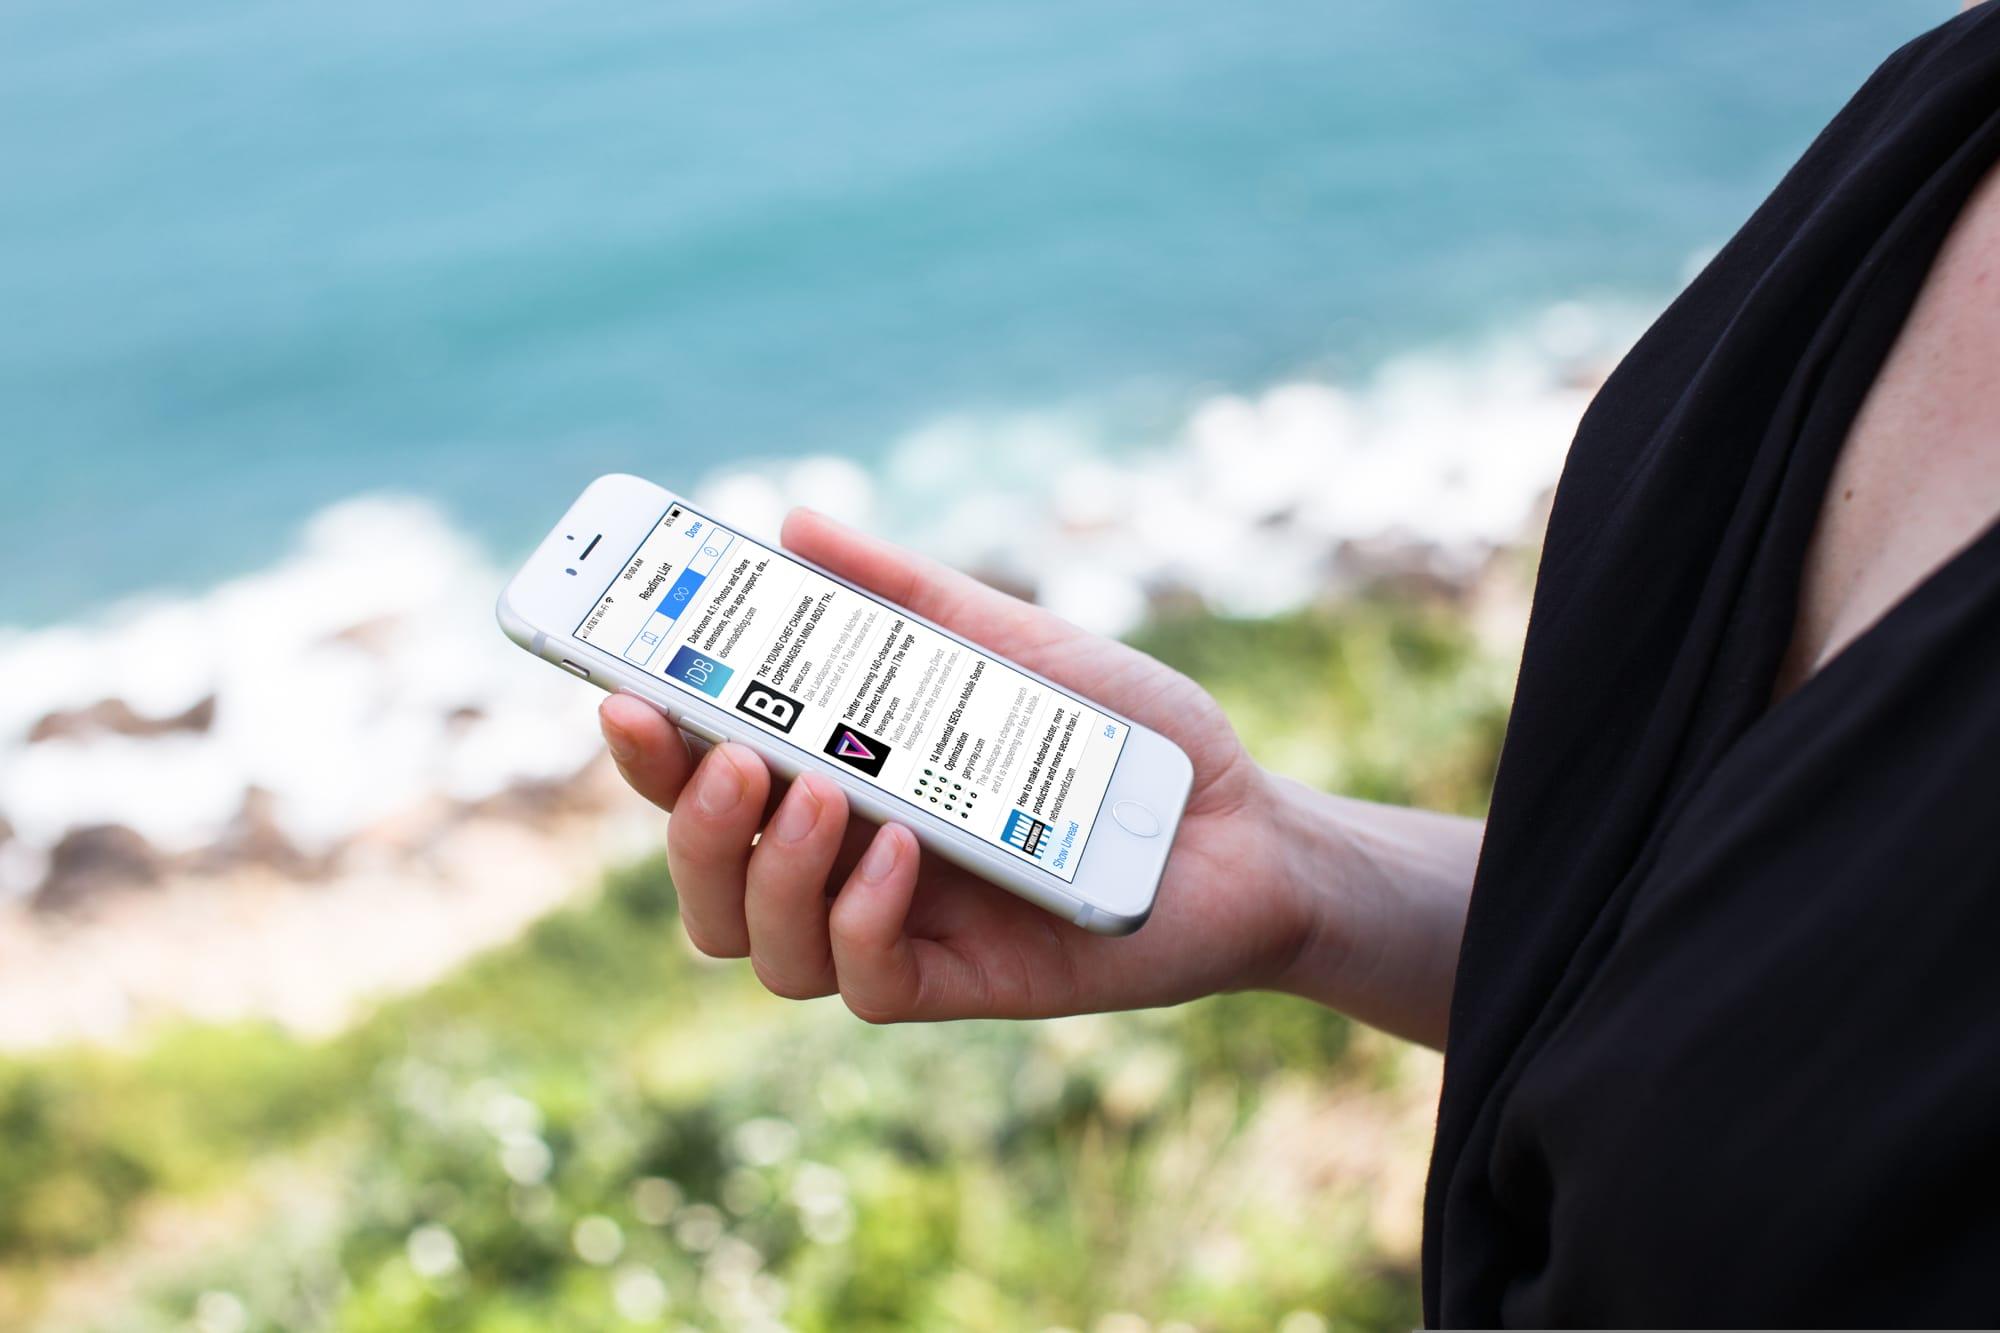 Offline Safari Reading List on iPhone